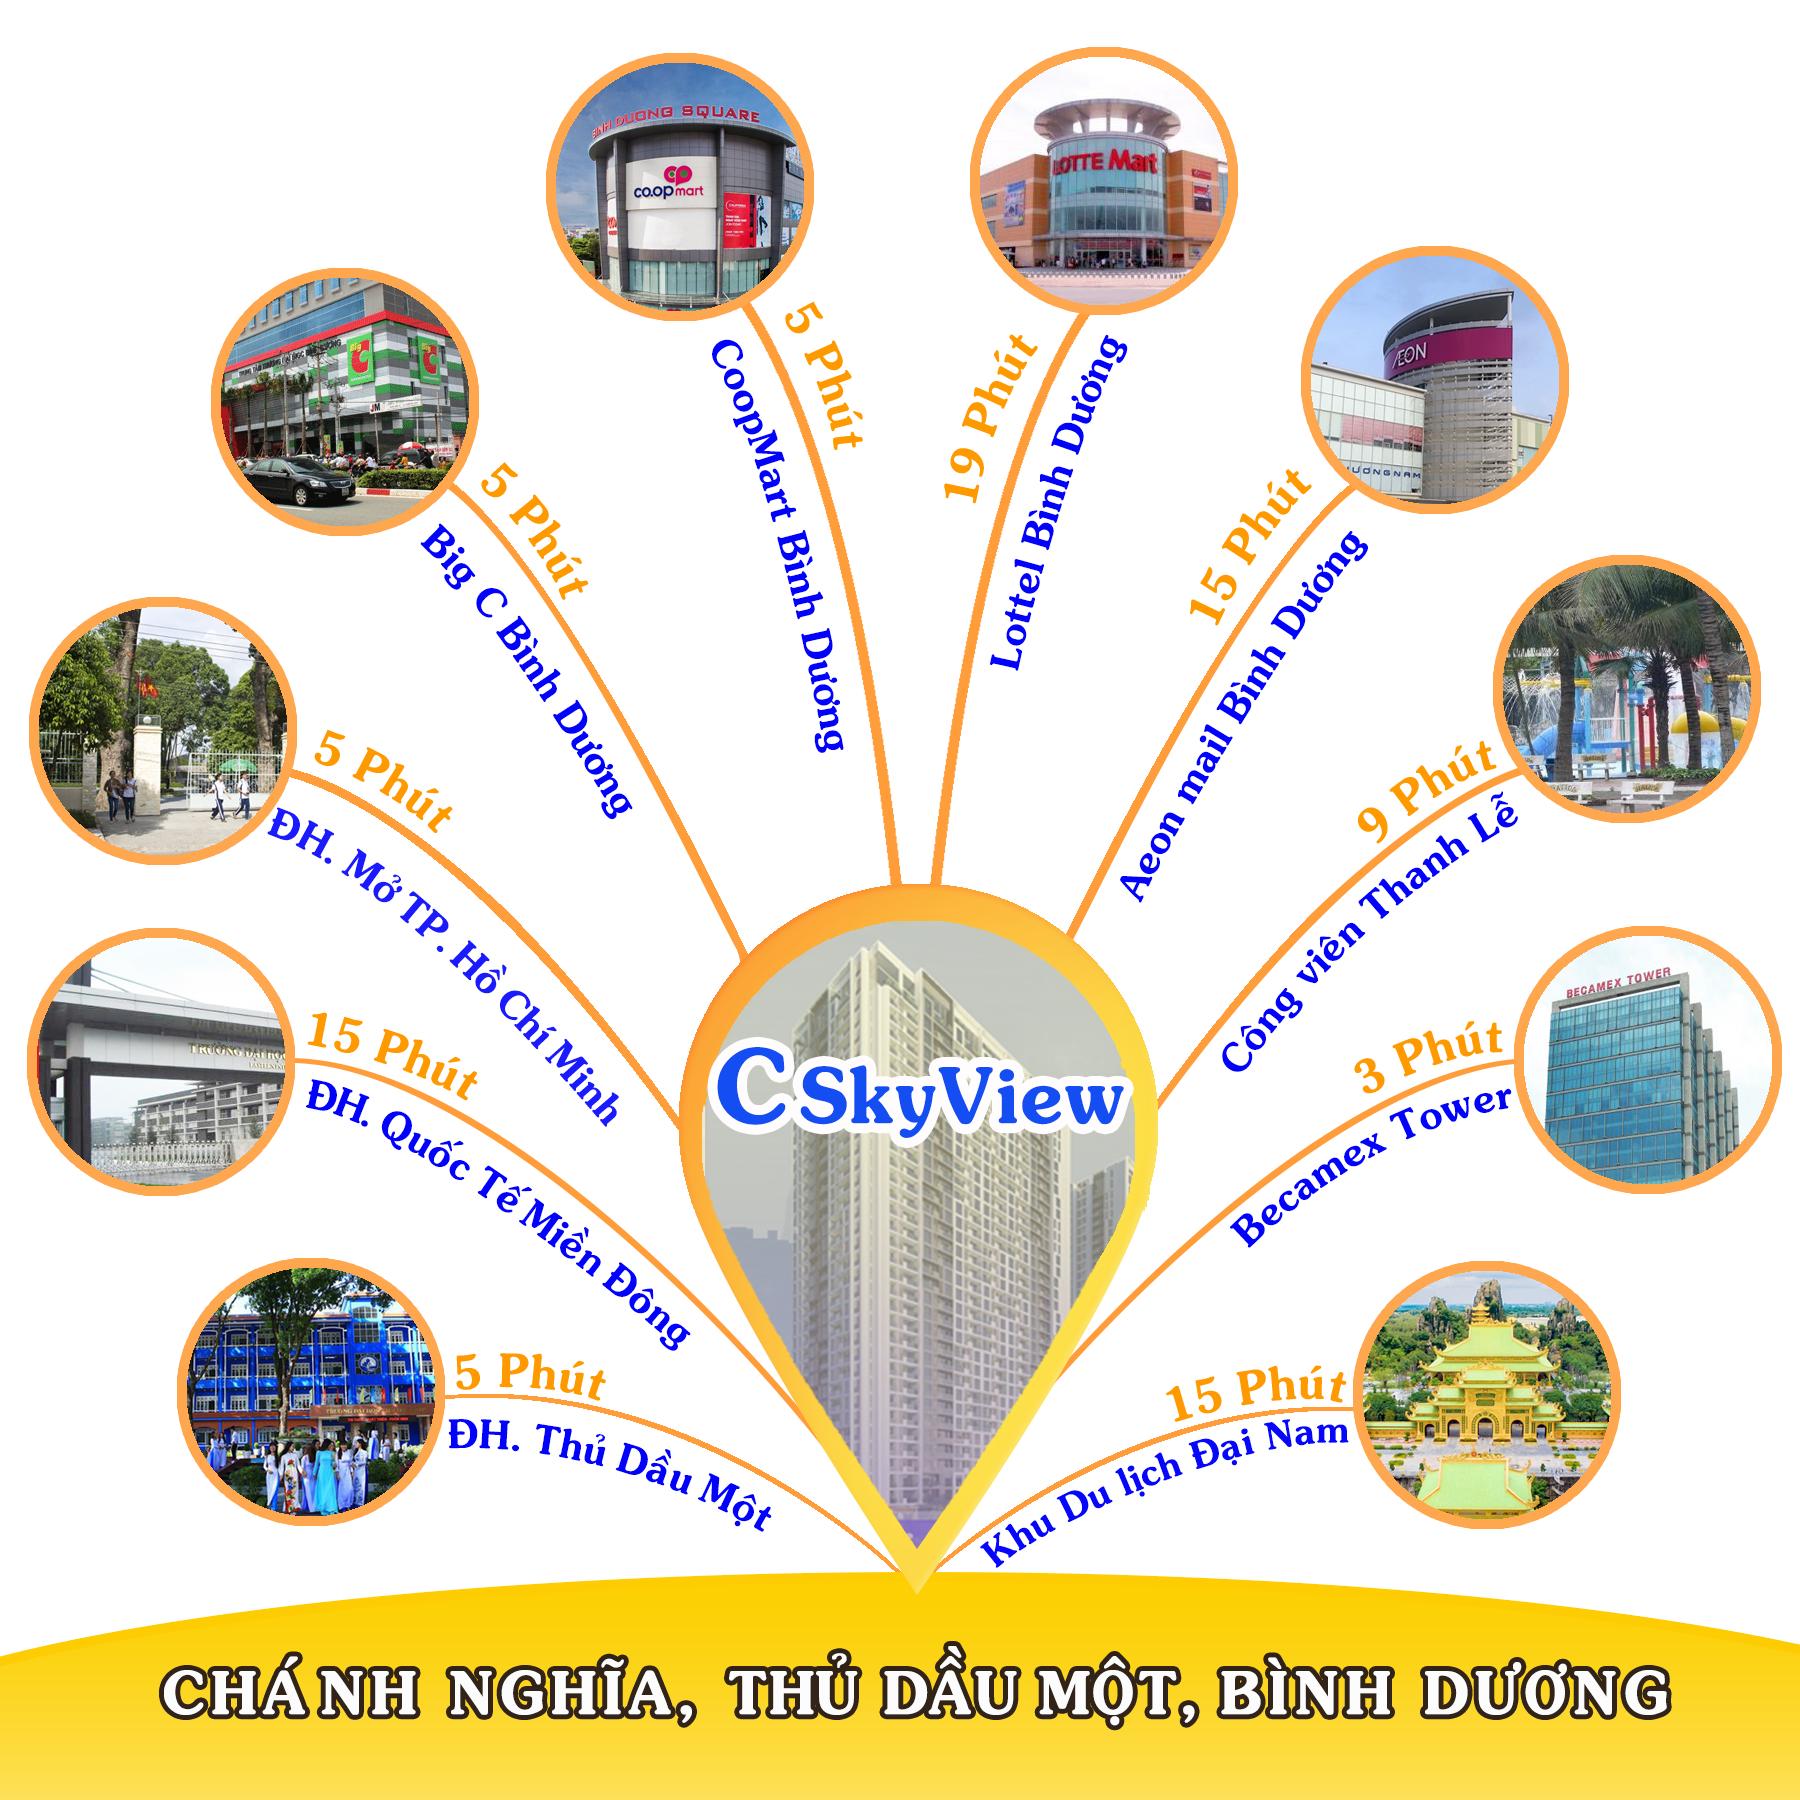 Căn hộ C SkyView Bình Dương có đầy đủ các tiện ích đẳng cấp đáp ứng nhu cầu khách hàng khi sở hữu nhà ở tại trung tâm thành phố Thủ Dầu Một.